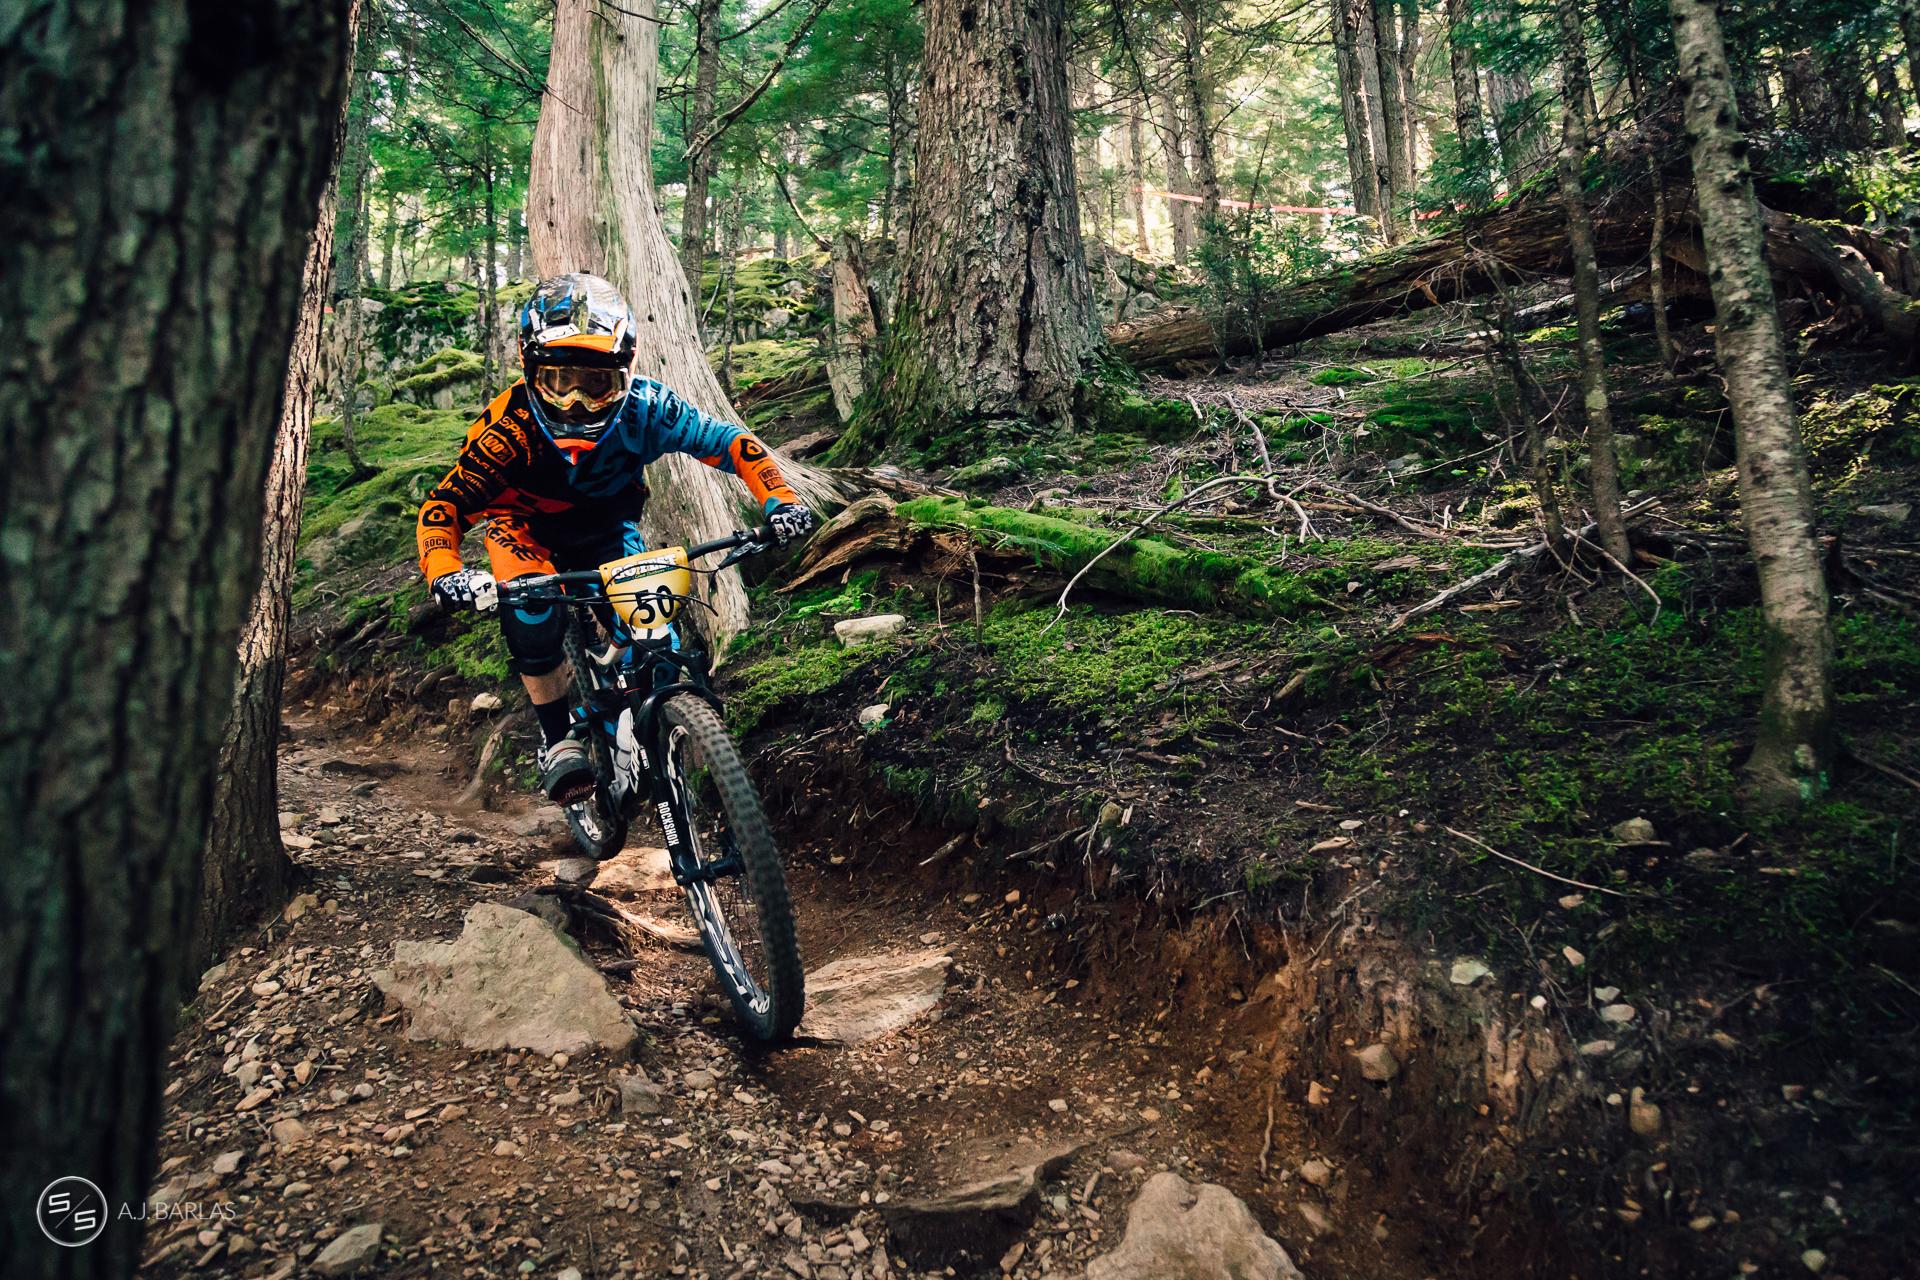 Finn Iles racing NAET Whistler